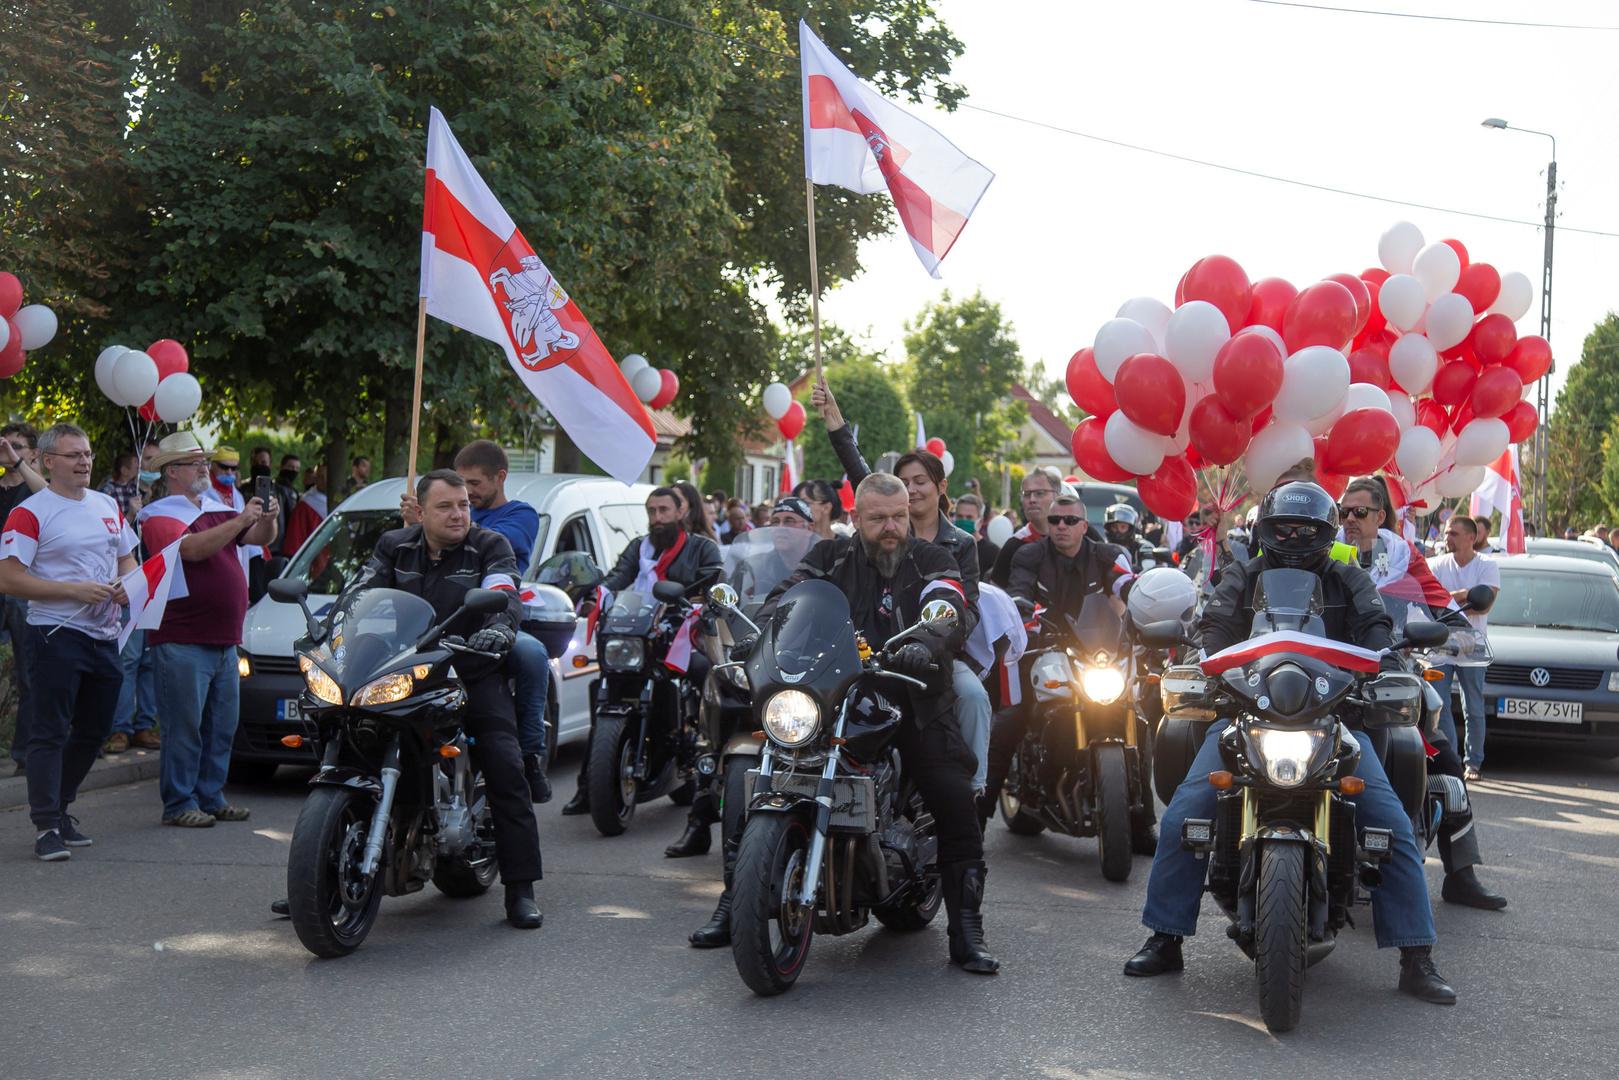 بيلاروس: نجحنا في منع مئات